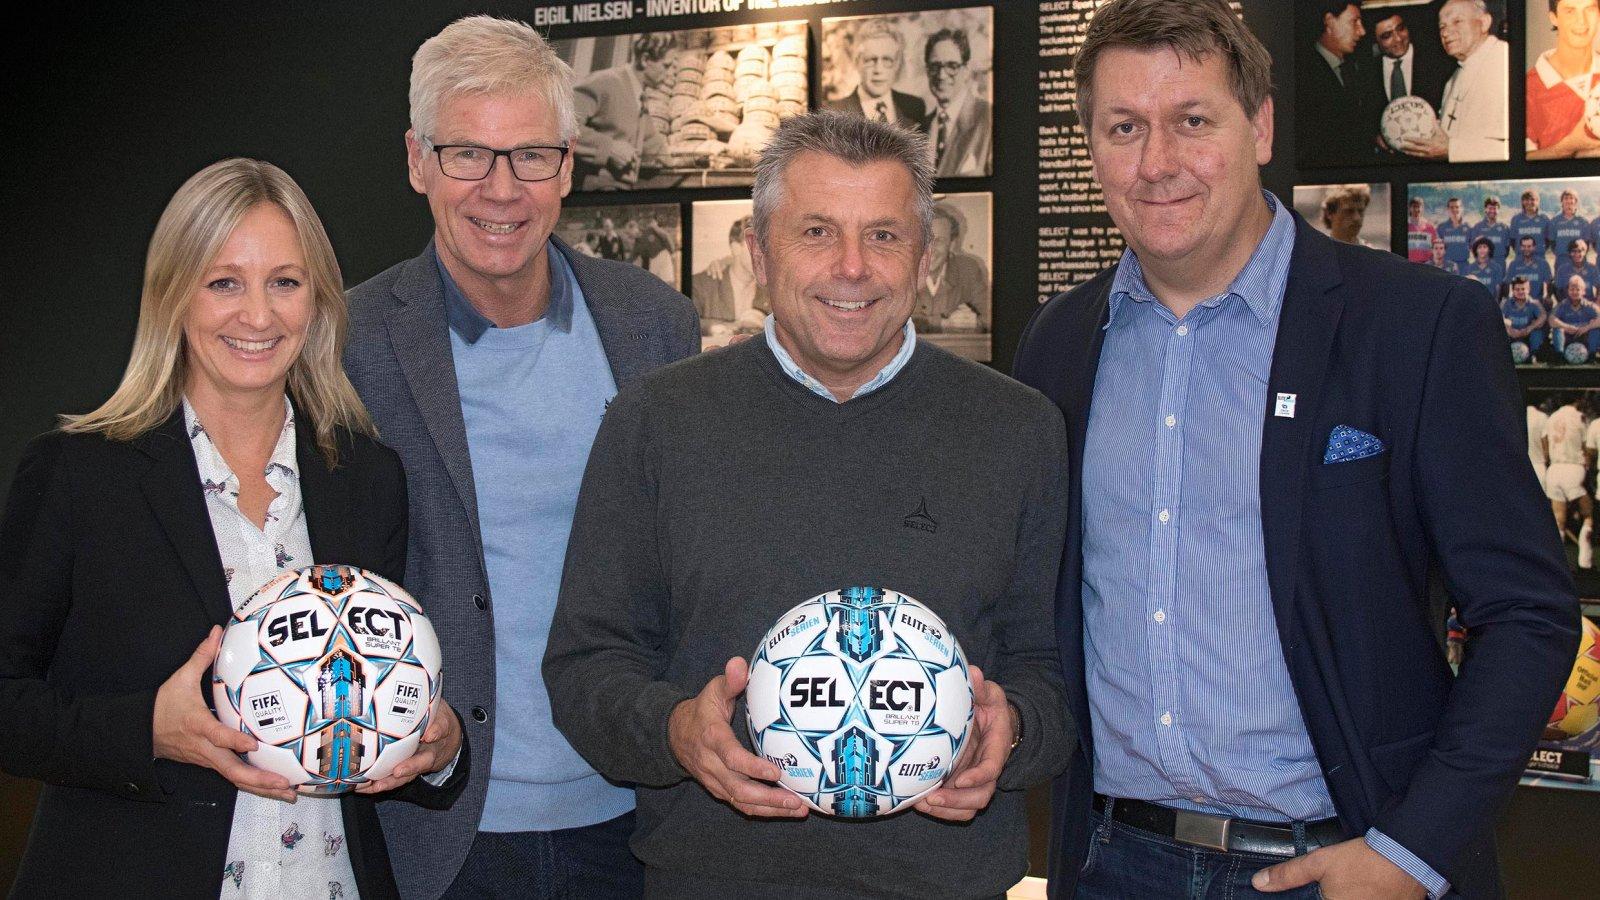 Hege Jørgensen (SKF), Leif Øverland (NTF), Steinar Felde (SELECT) og Pål Breen (NTF) viser stolt frem de nye ligaballene for Eliteserien og Toppserien.